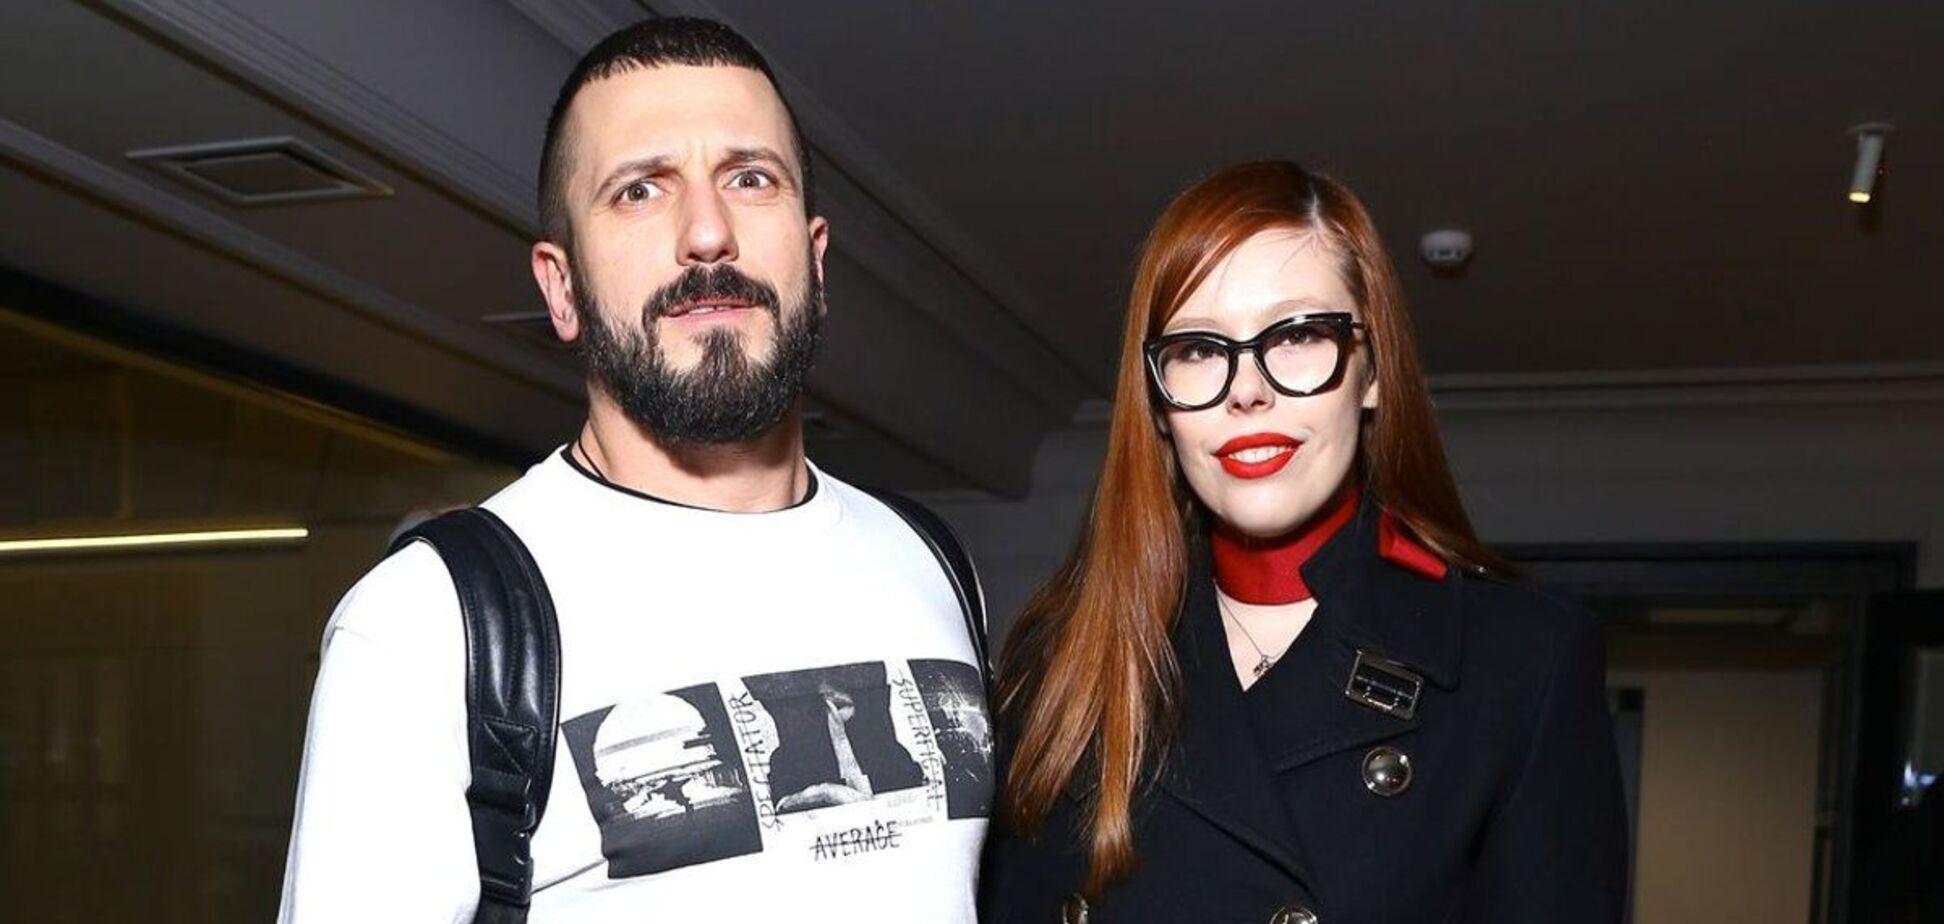 Плакидюк прокомментировала слухи о нетрадиционной ориентации экс-бойфдренда